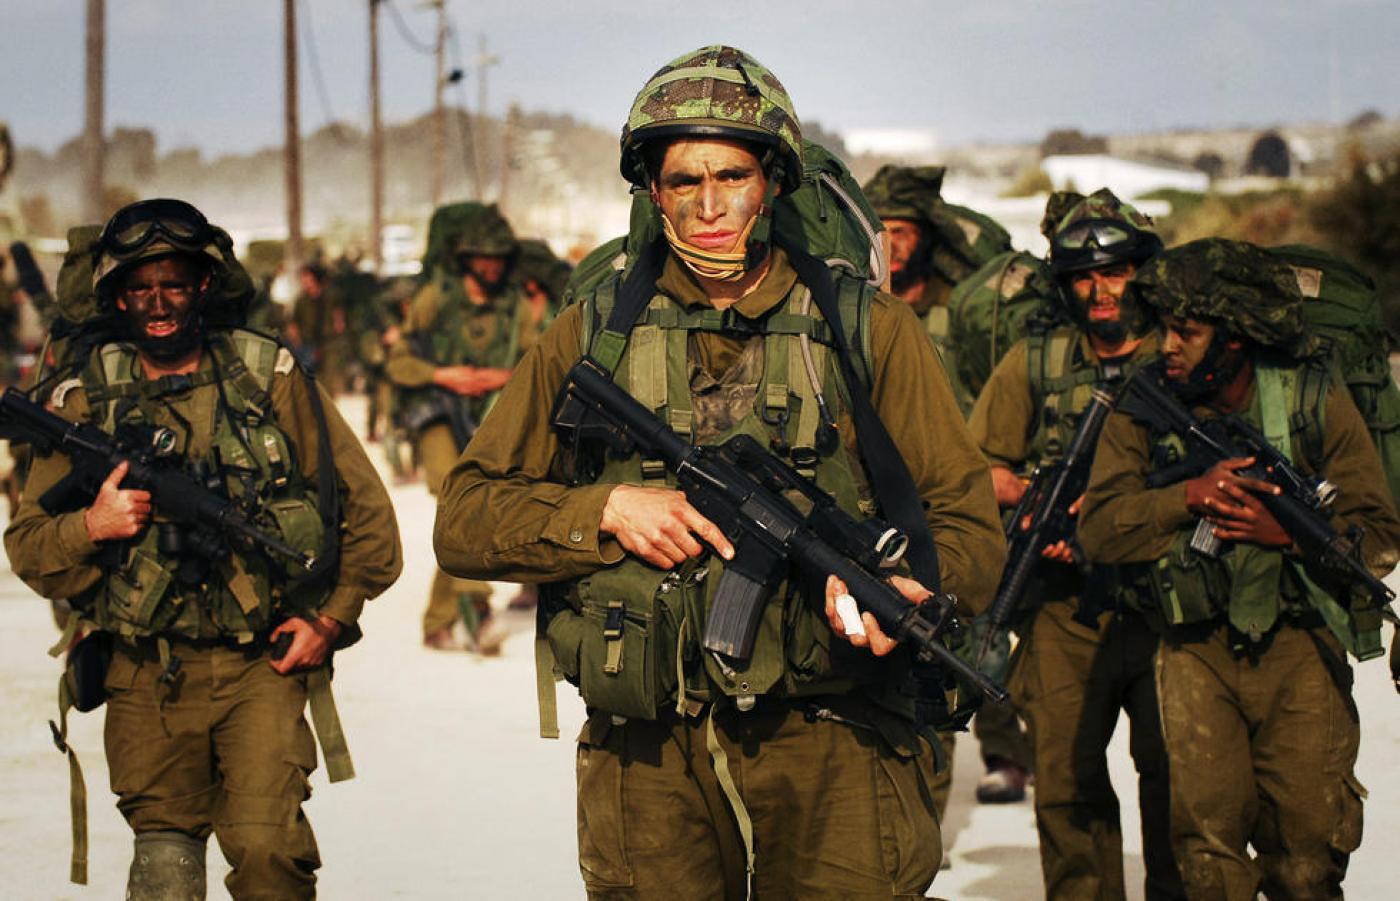 Des soldats israéliens munis d'armes de fabrication américaine lors de la guerre de Gaza en 2014 (AFP)